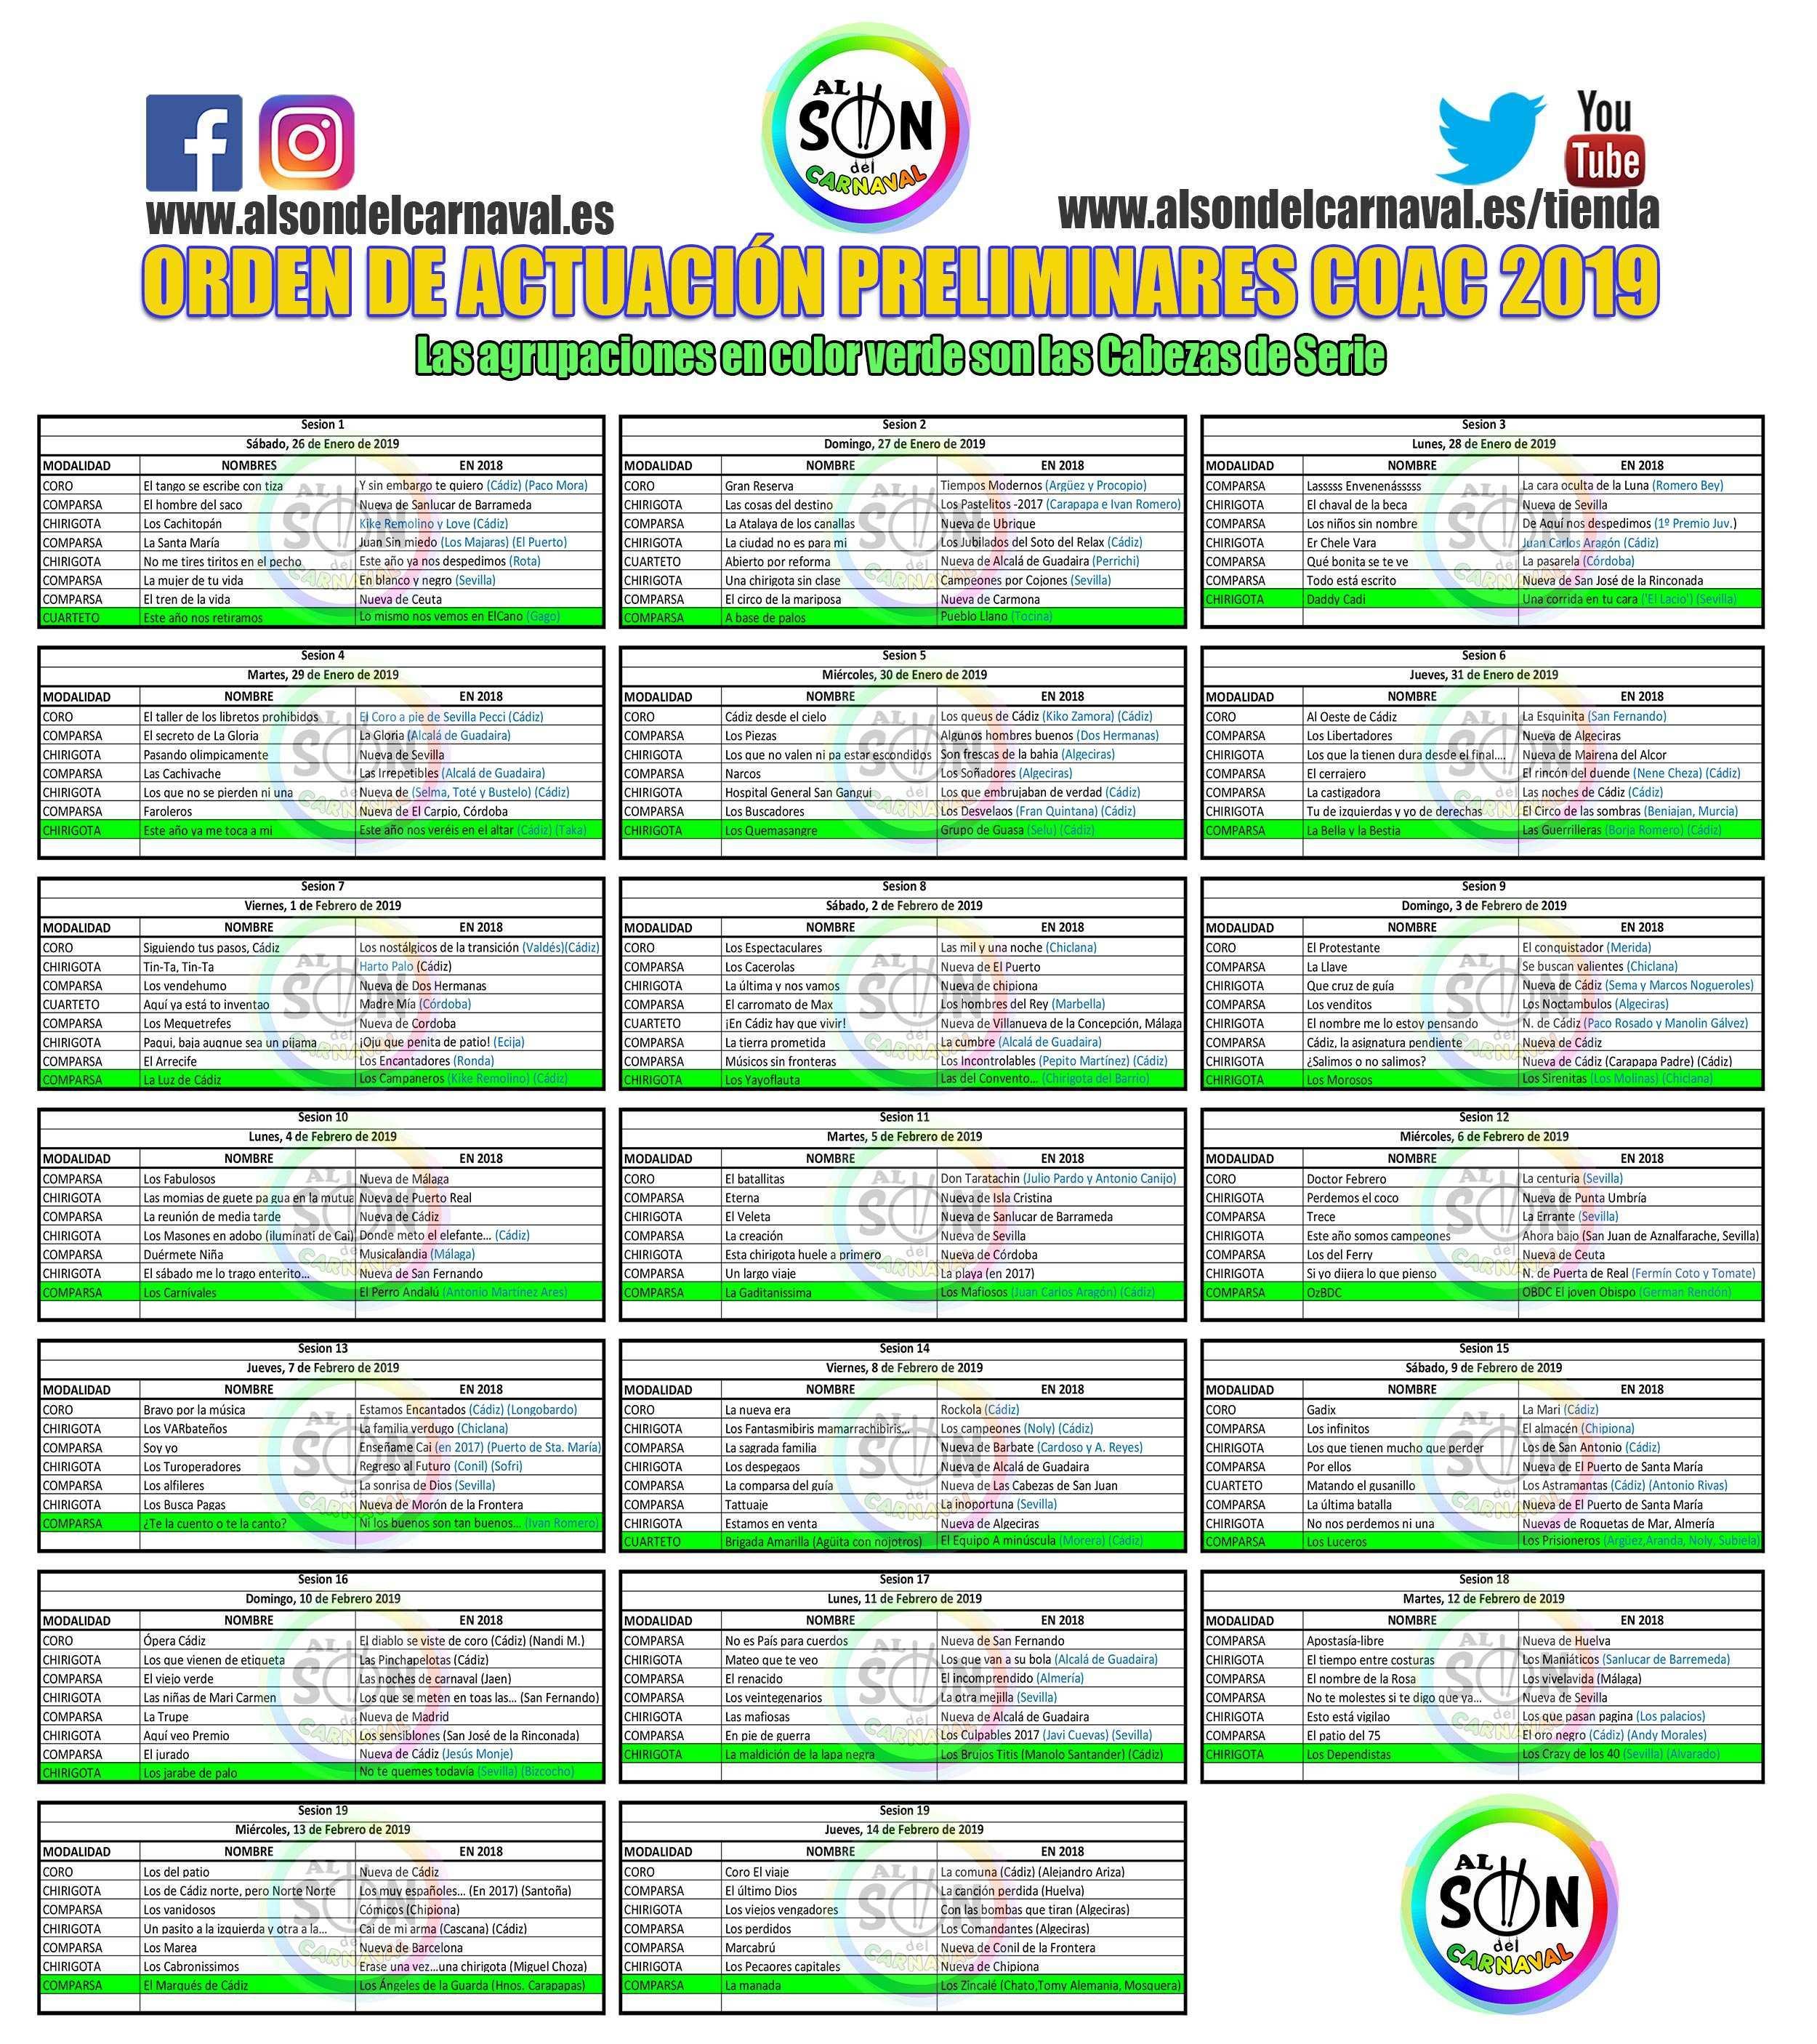 Calendario Coac 2019.Orden Actuacion Preliminares Coac 2019 Carnaval De Cadiz